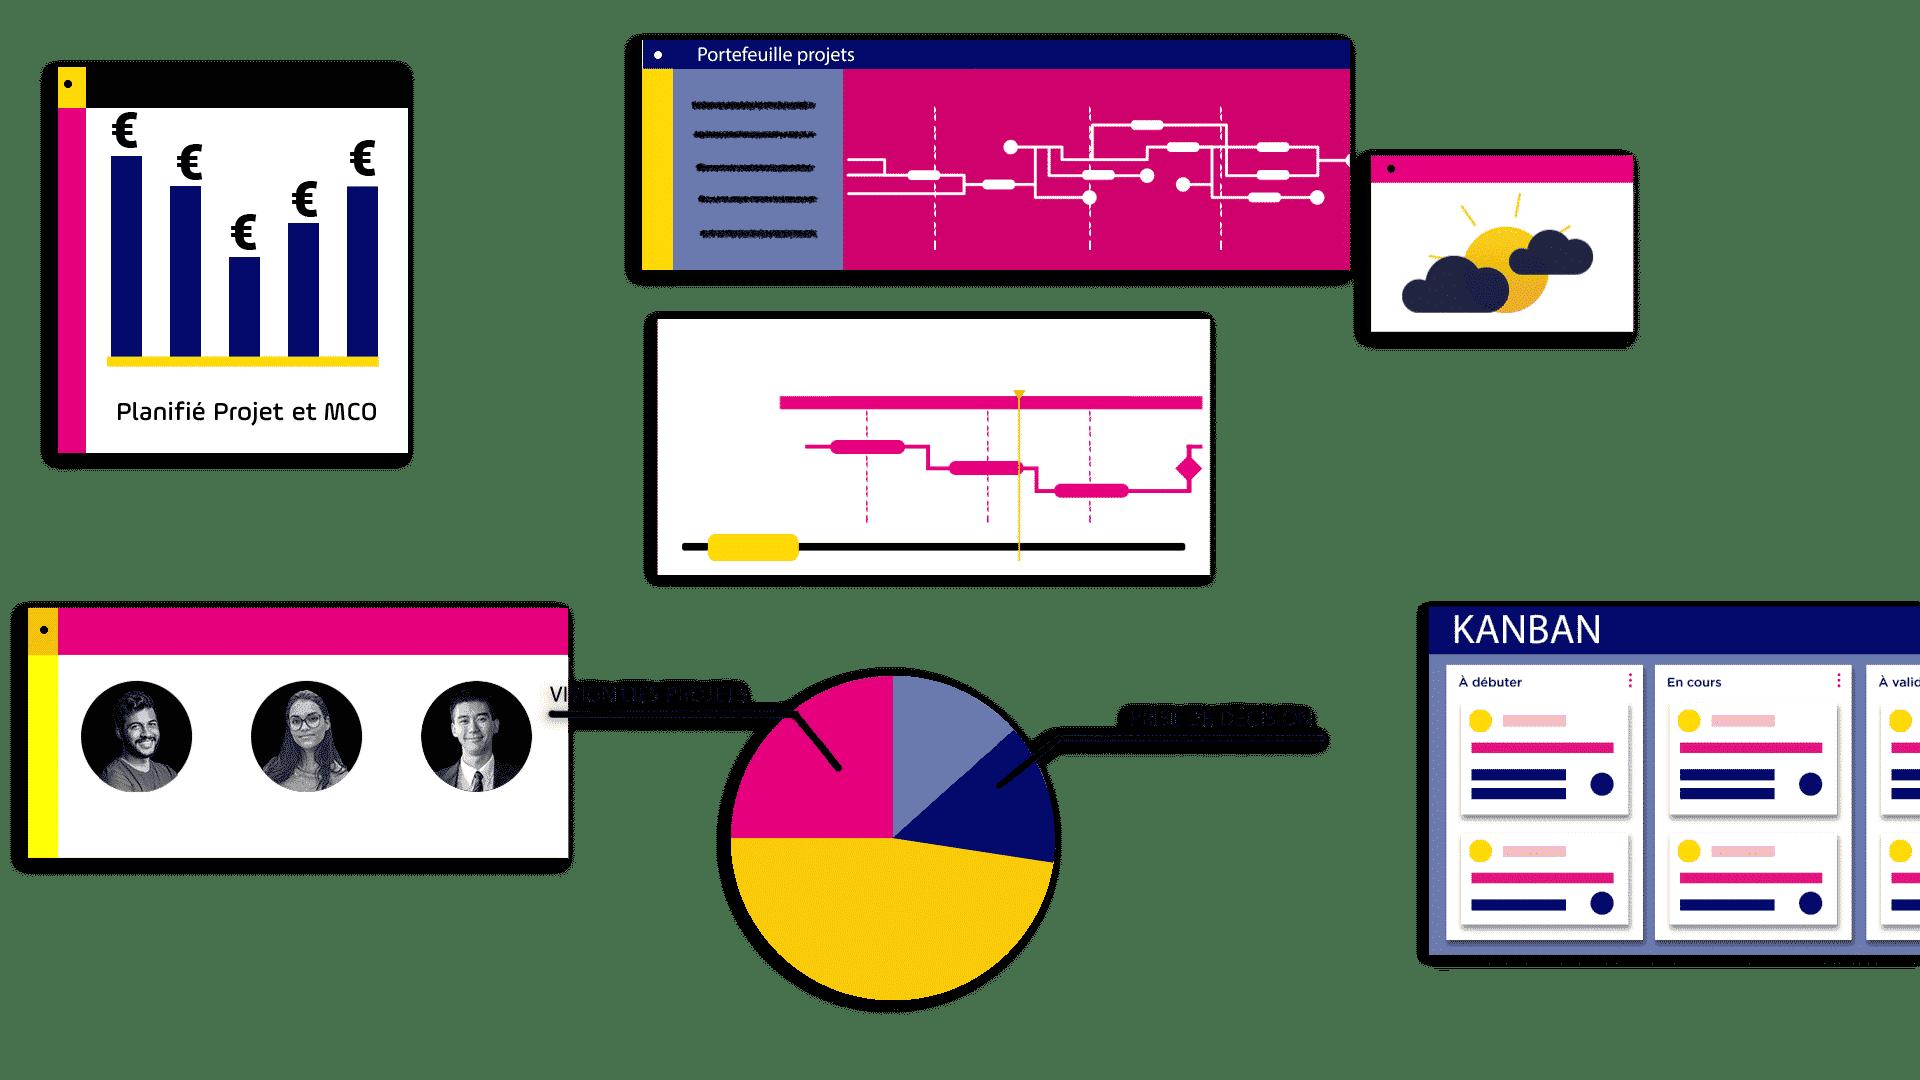 Logiciel de gestion de portefeuille projets project monitor